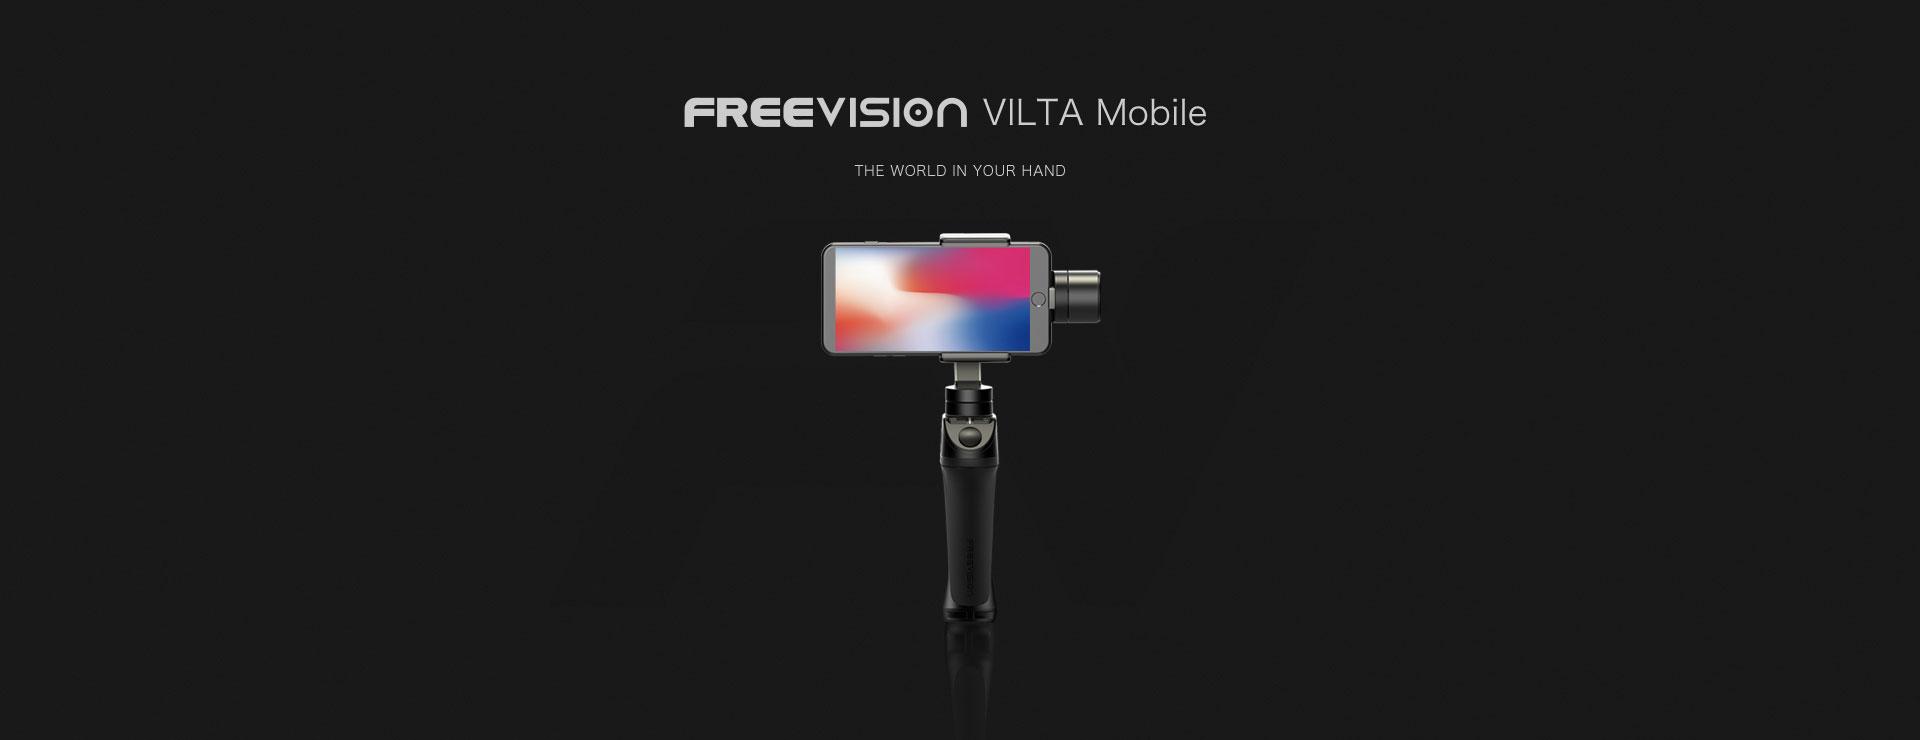 freevision vilta m